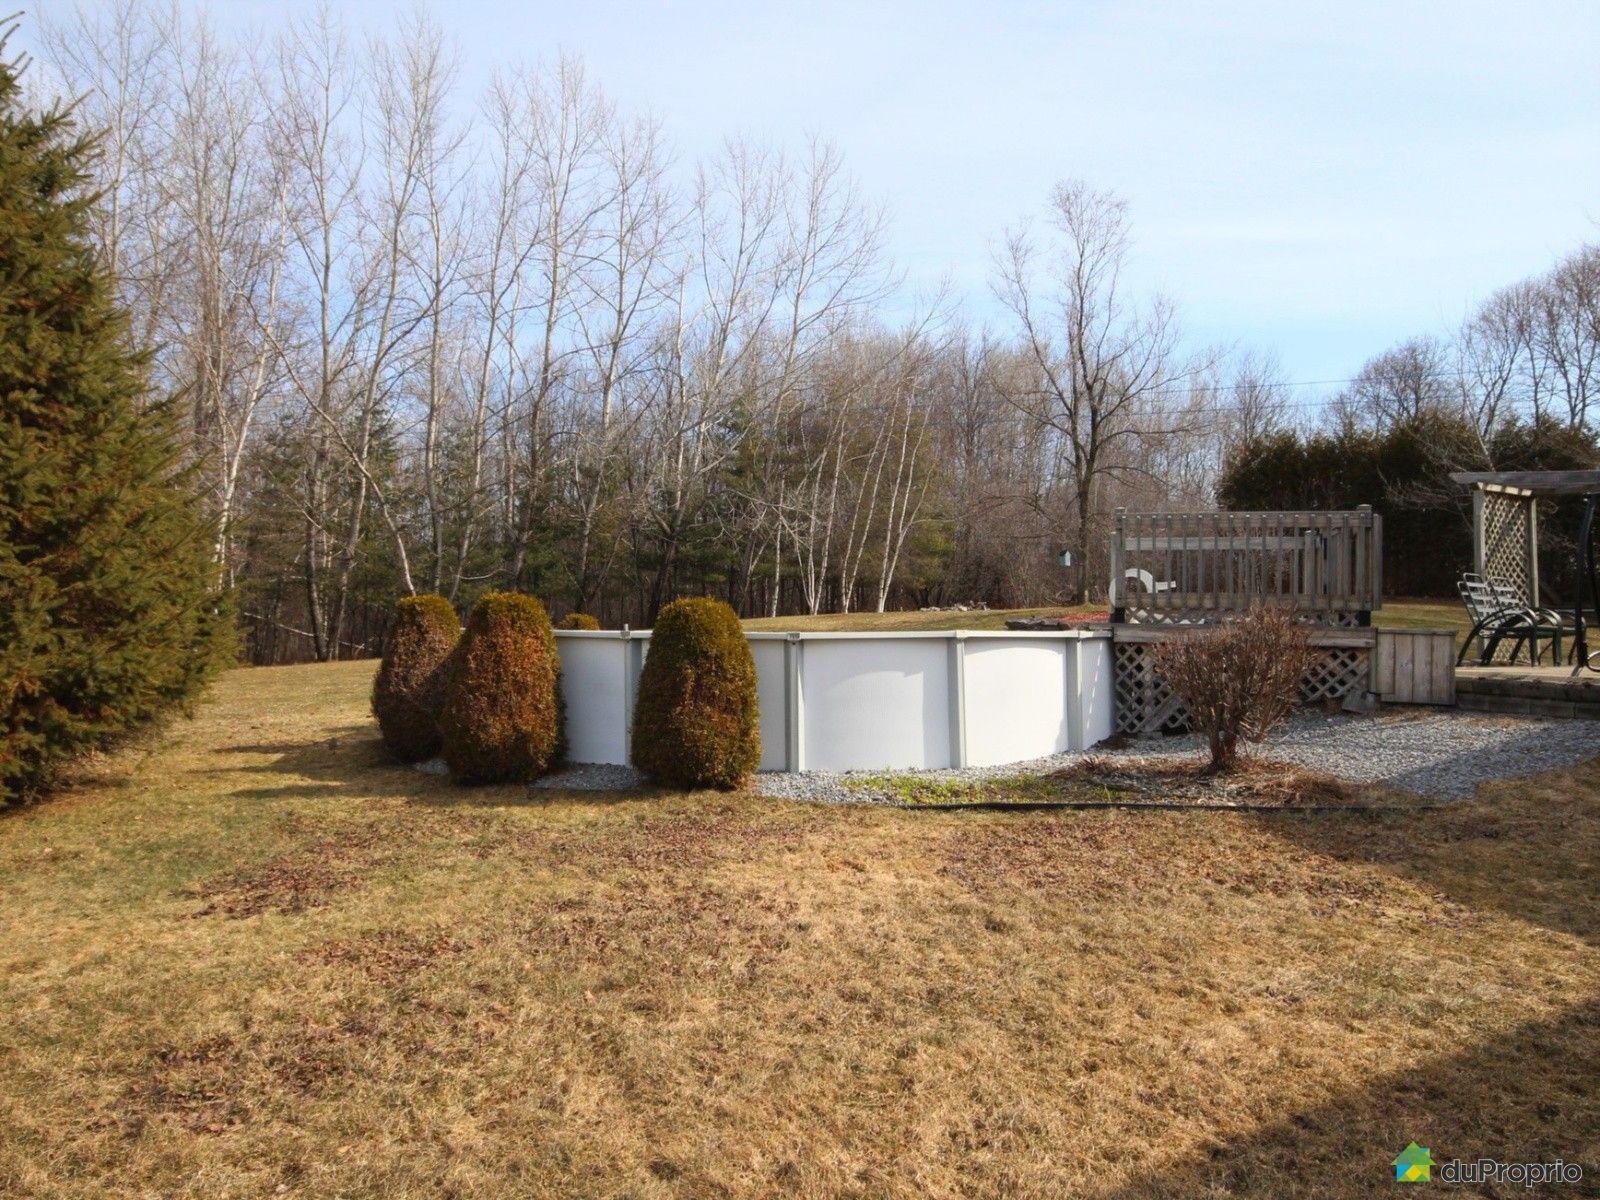 Maison à vendre Sherbrooke, 2765 rue Parrot, immobilier